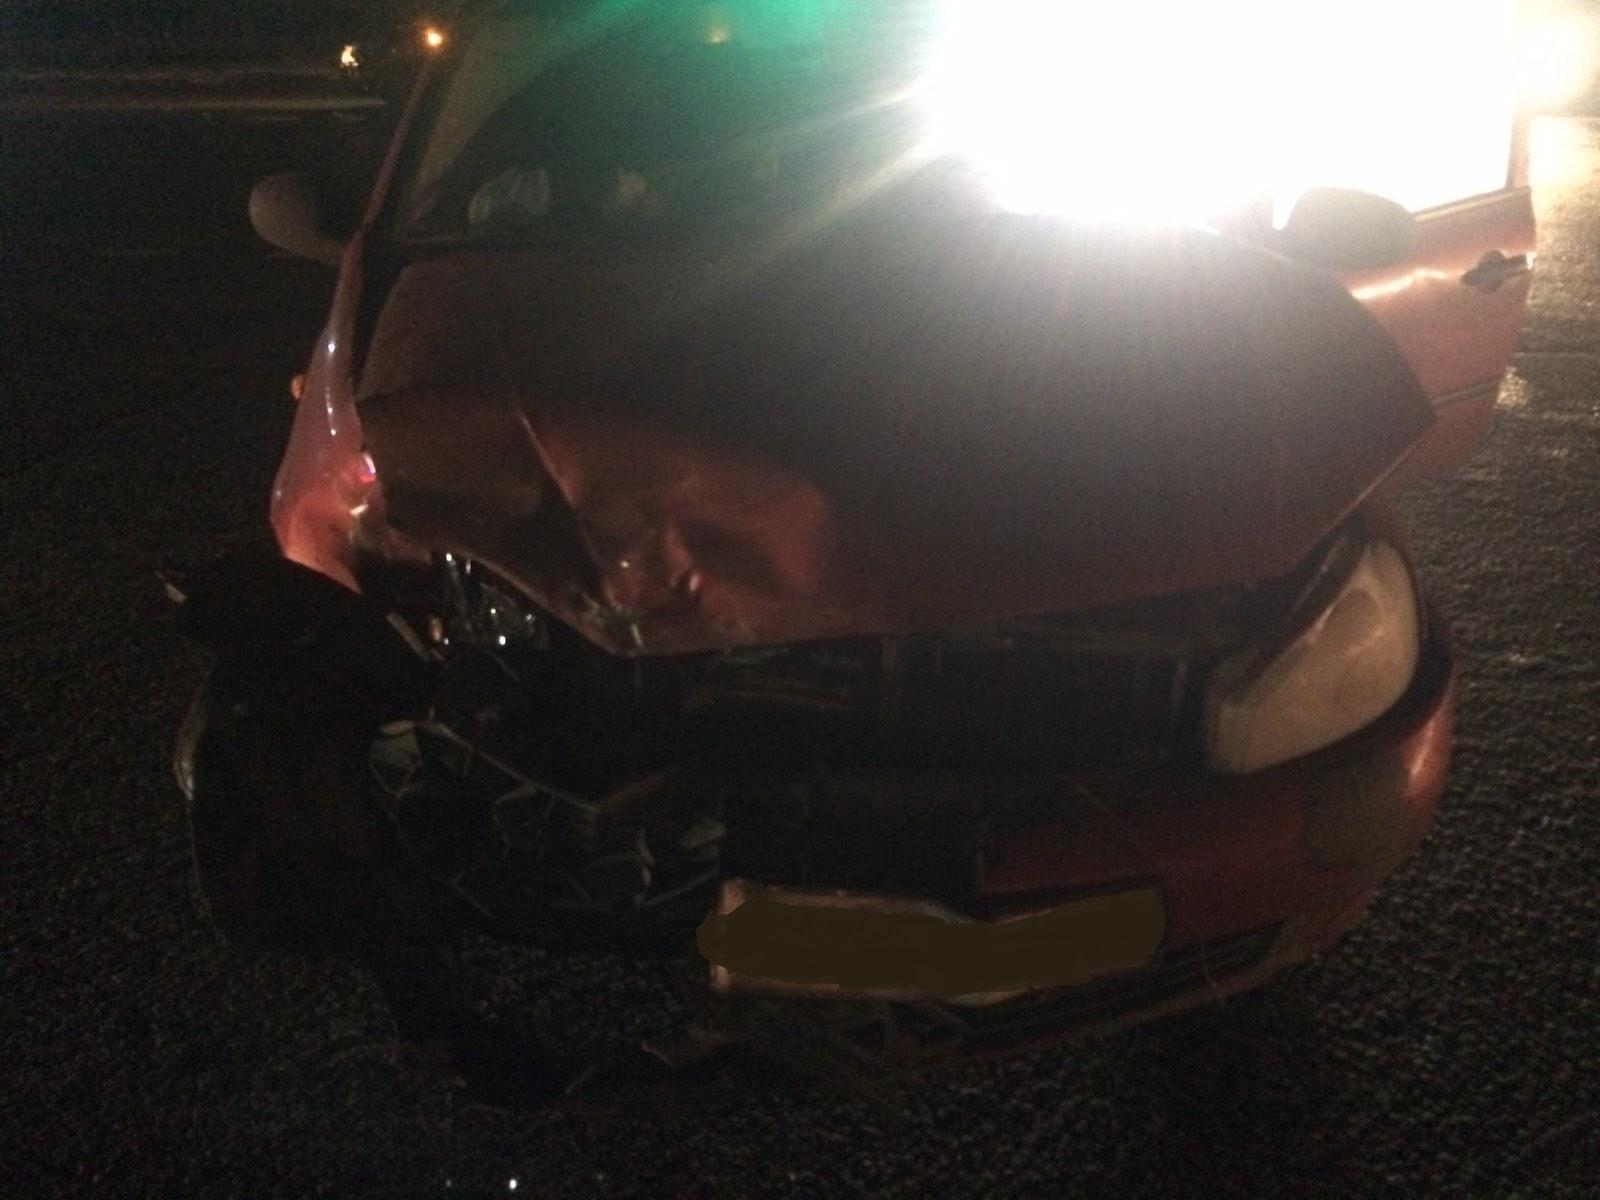 В аварии на перекрестке двух шоссе в Тольятти пострадала женщина